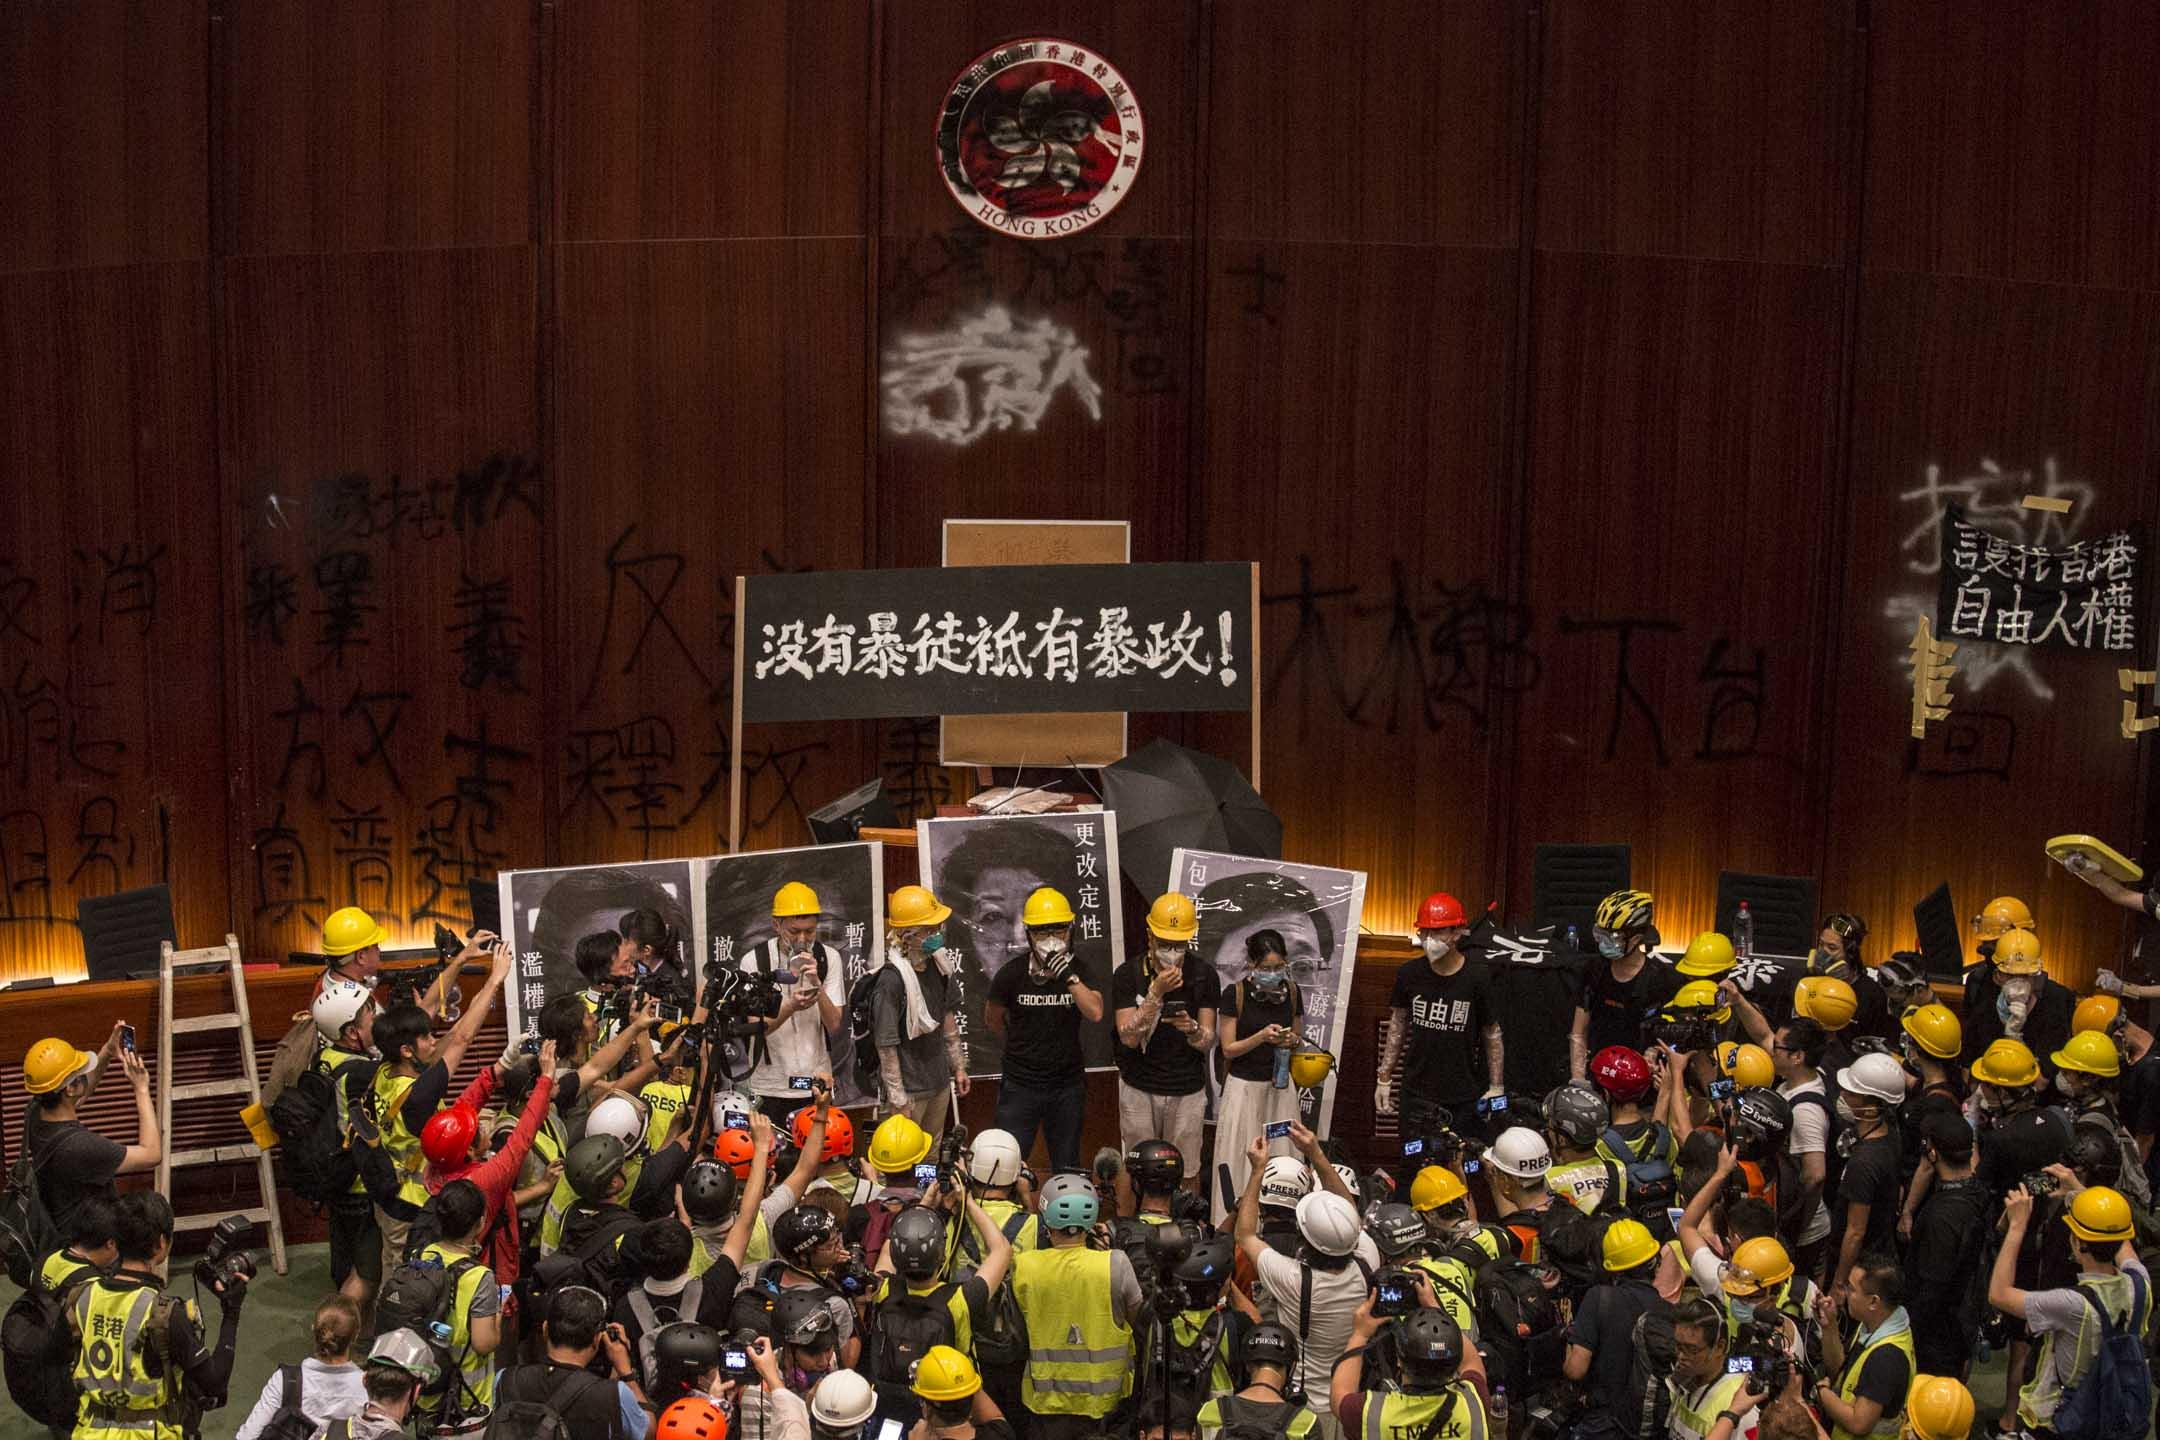 2019年7月1日,立法會會議廳被佔領,示威者讀出抗爭宣言。 攝:林振東/端傳媒